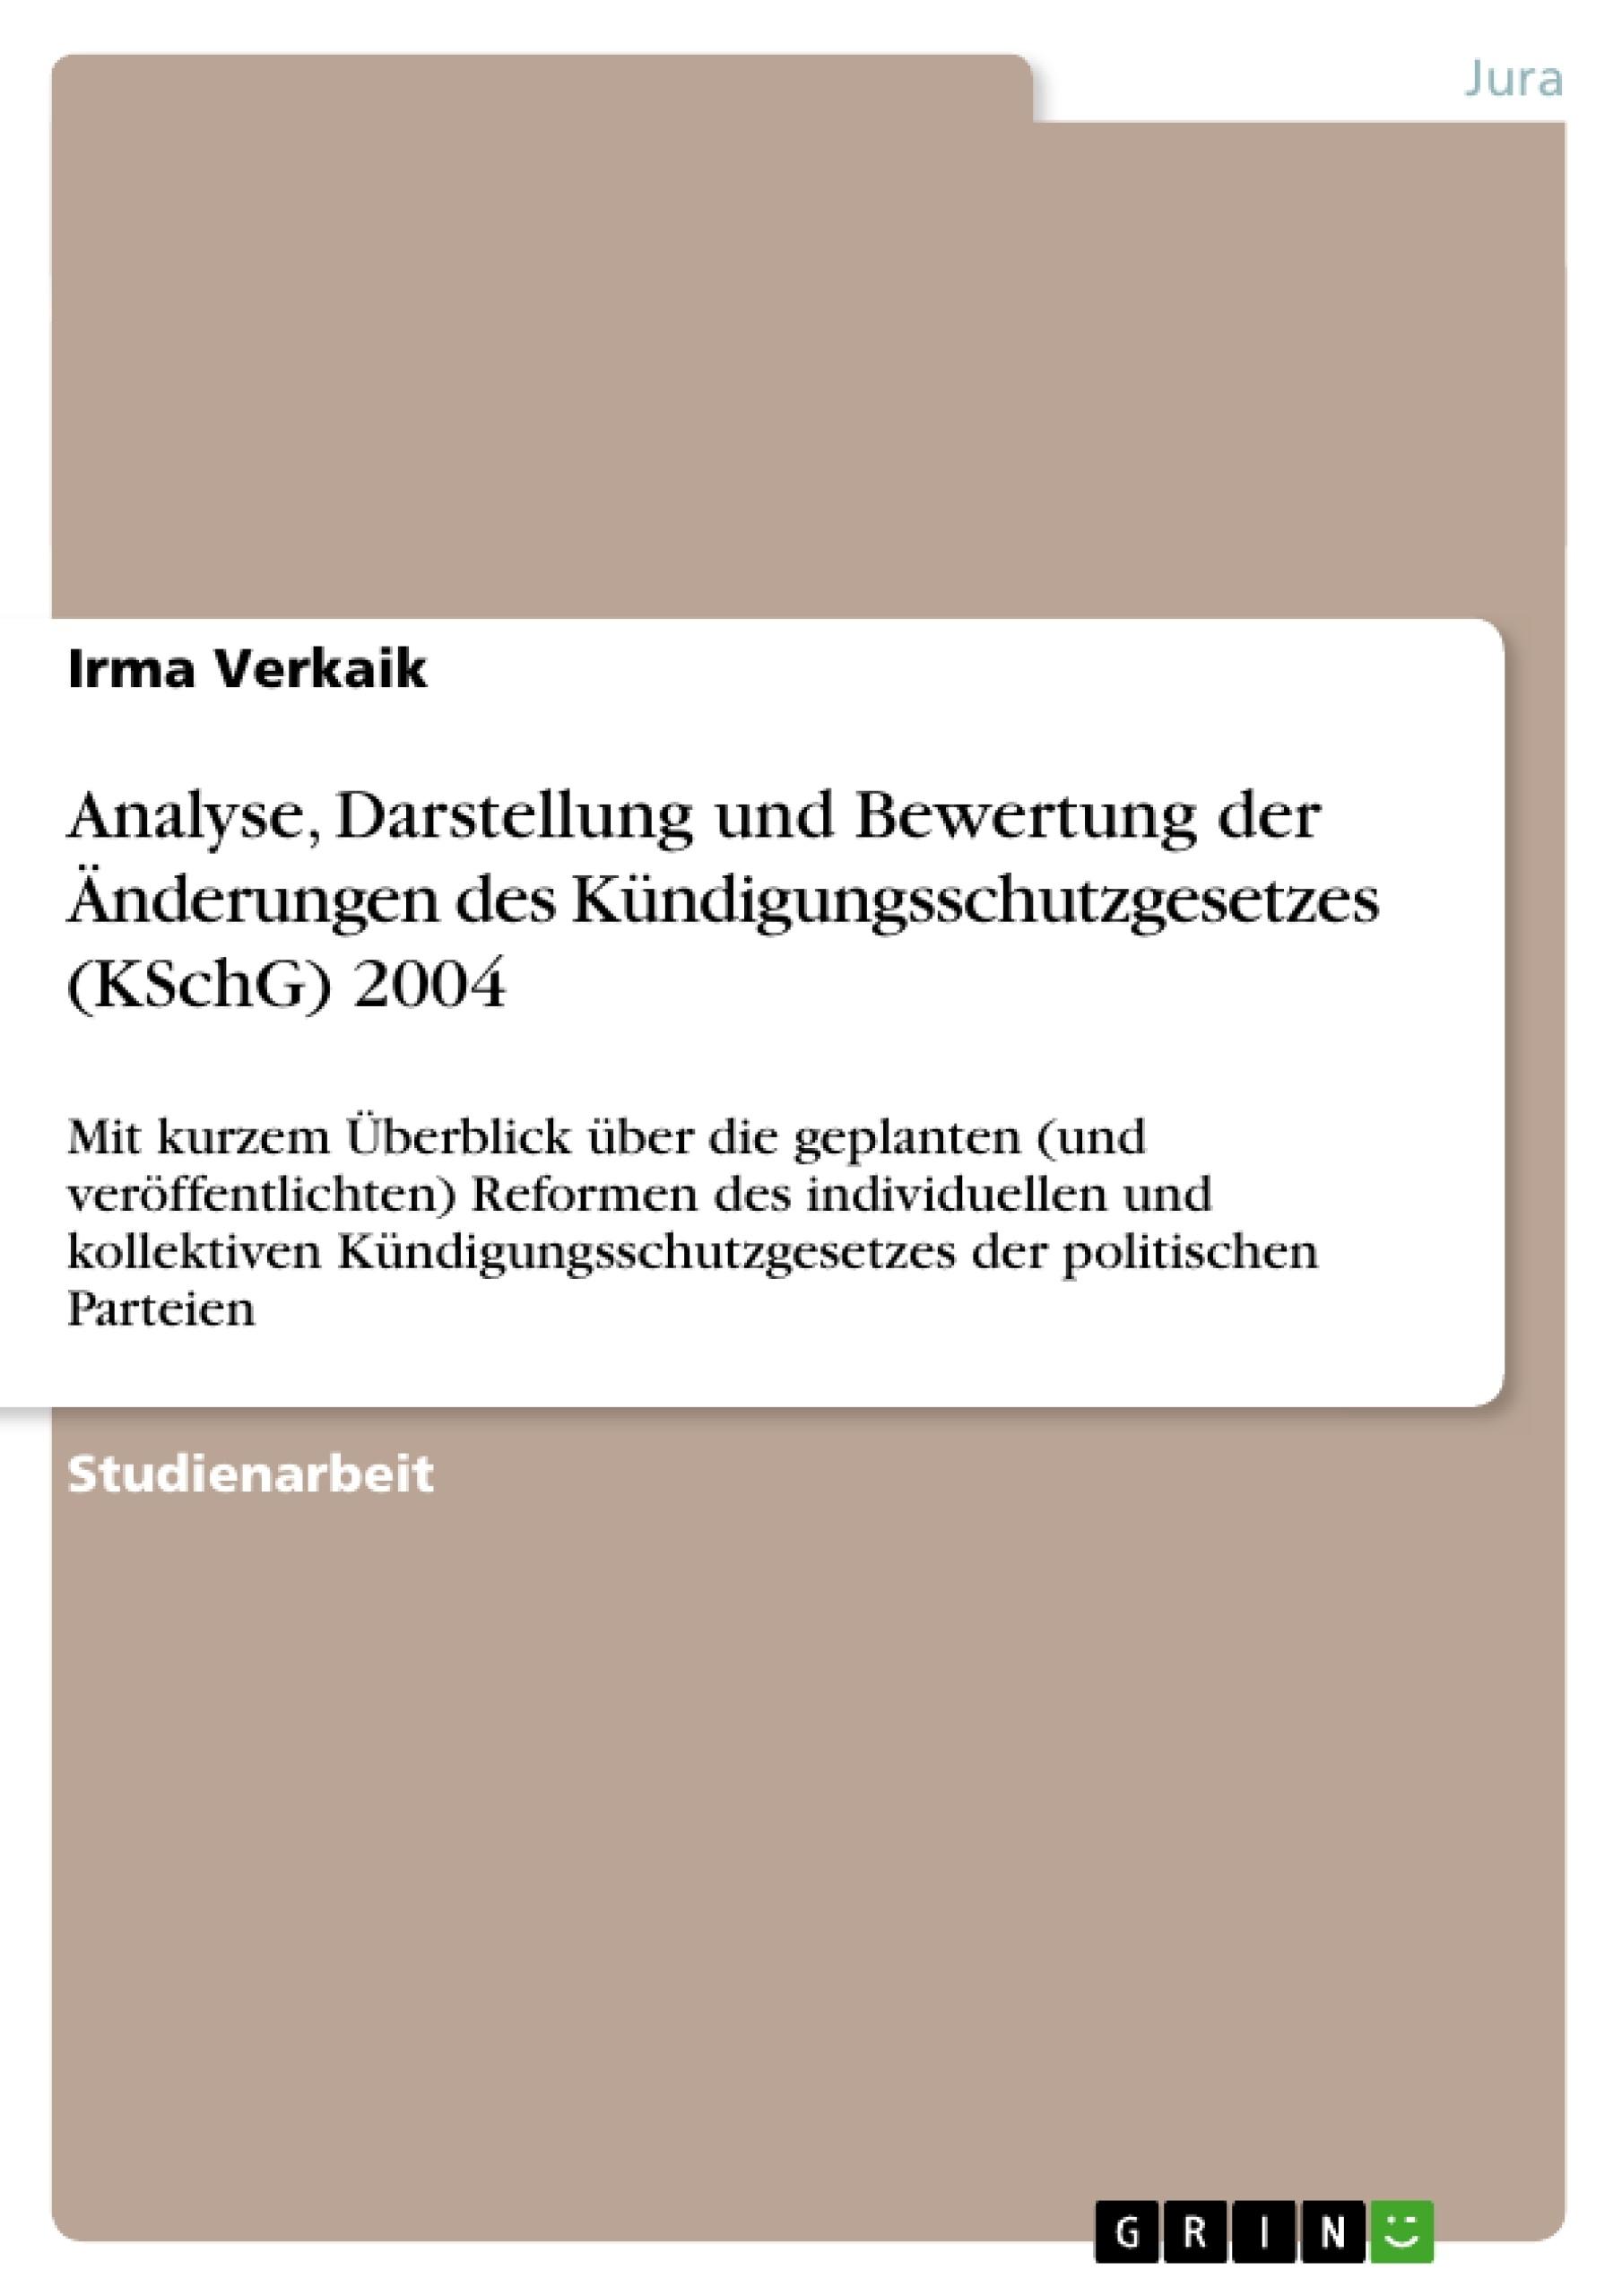 Titel: Analyse, Darstellung und Bewertung der Änderungen des Kündigungsschutzgesetzes (KSchG) 2004